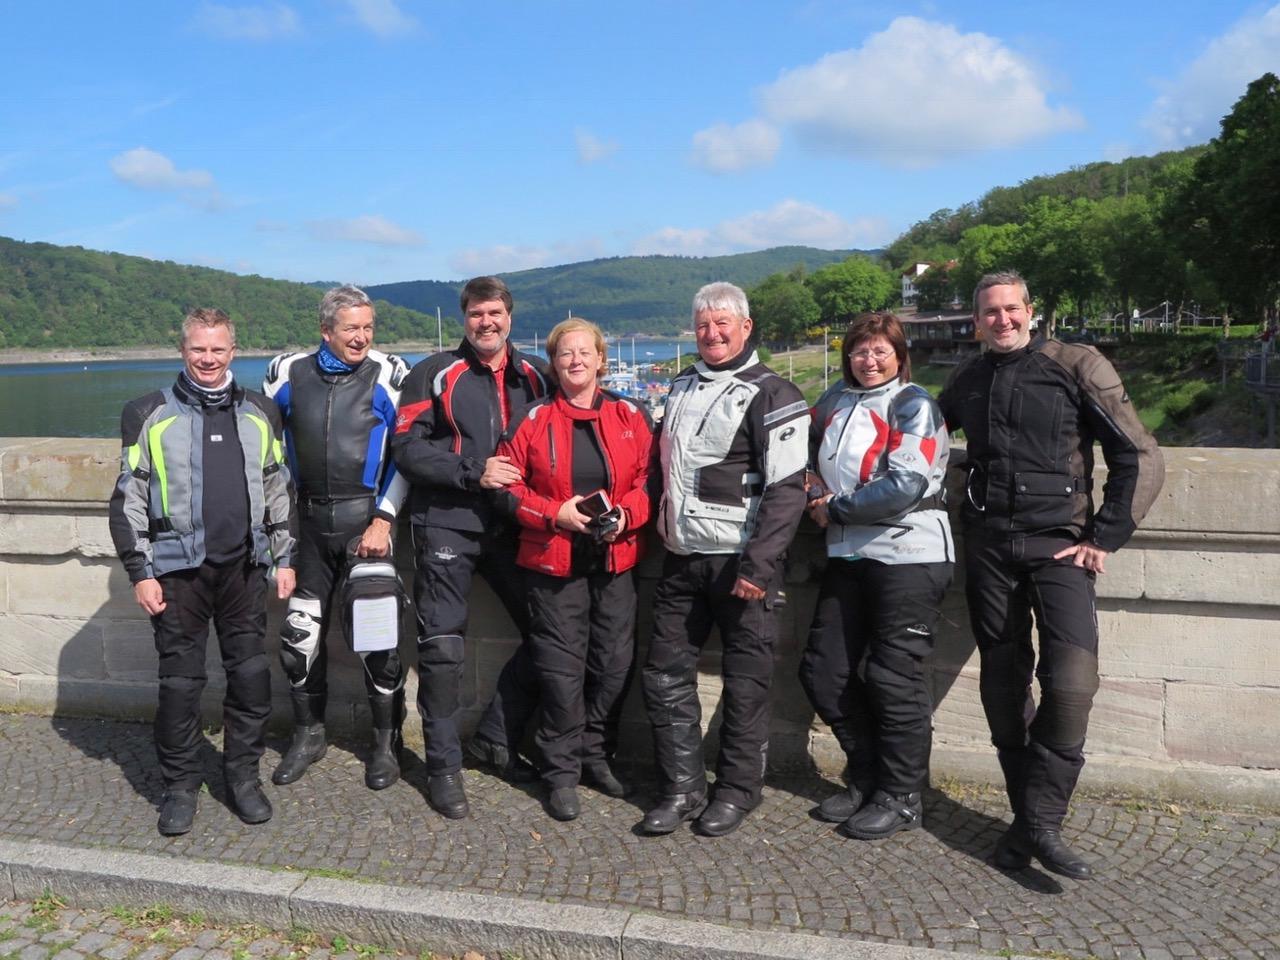 Die Gruppe 1 der Tour an der Edertalsperre